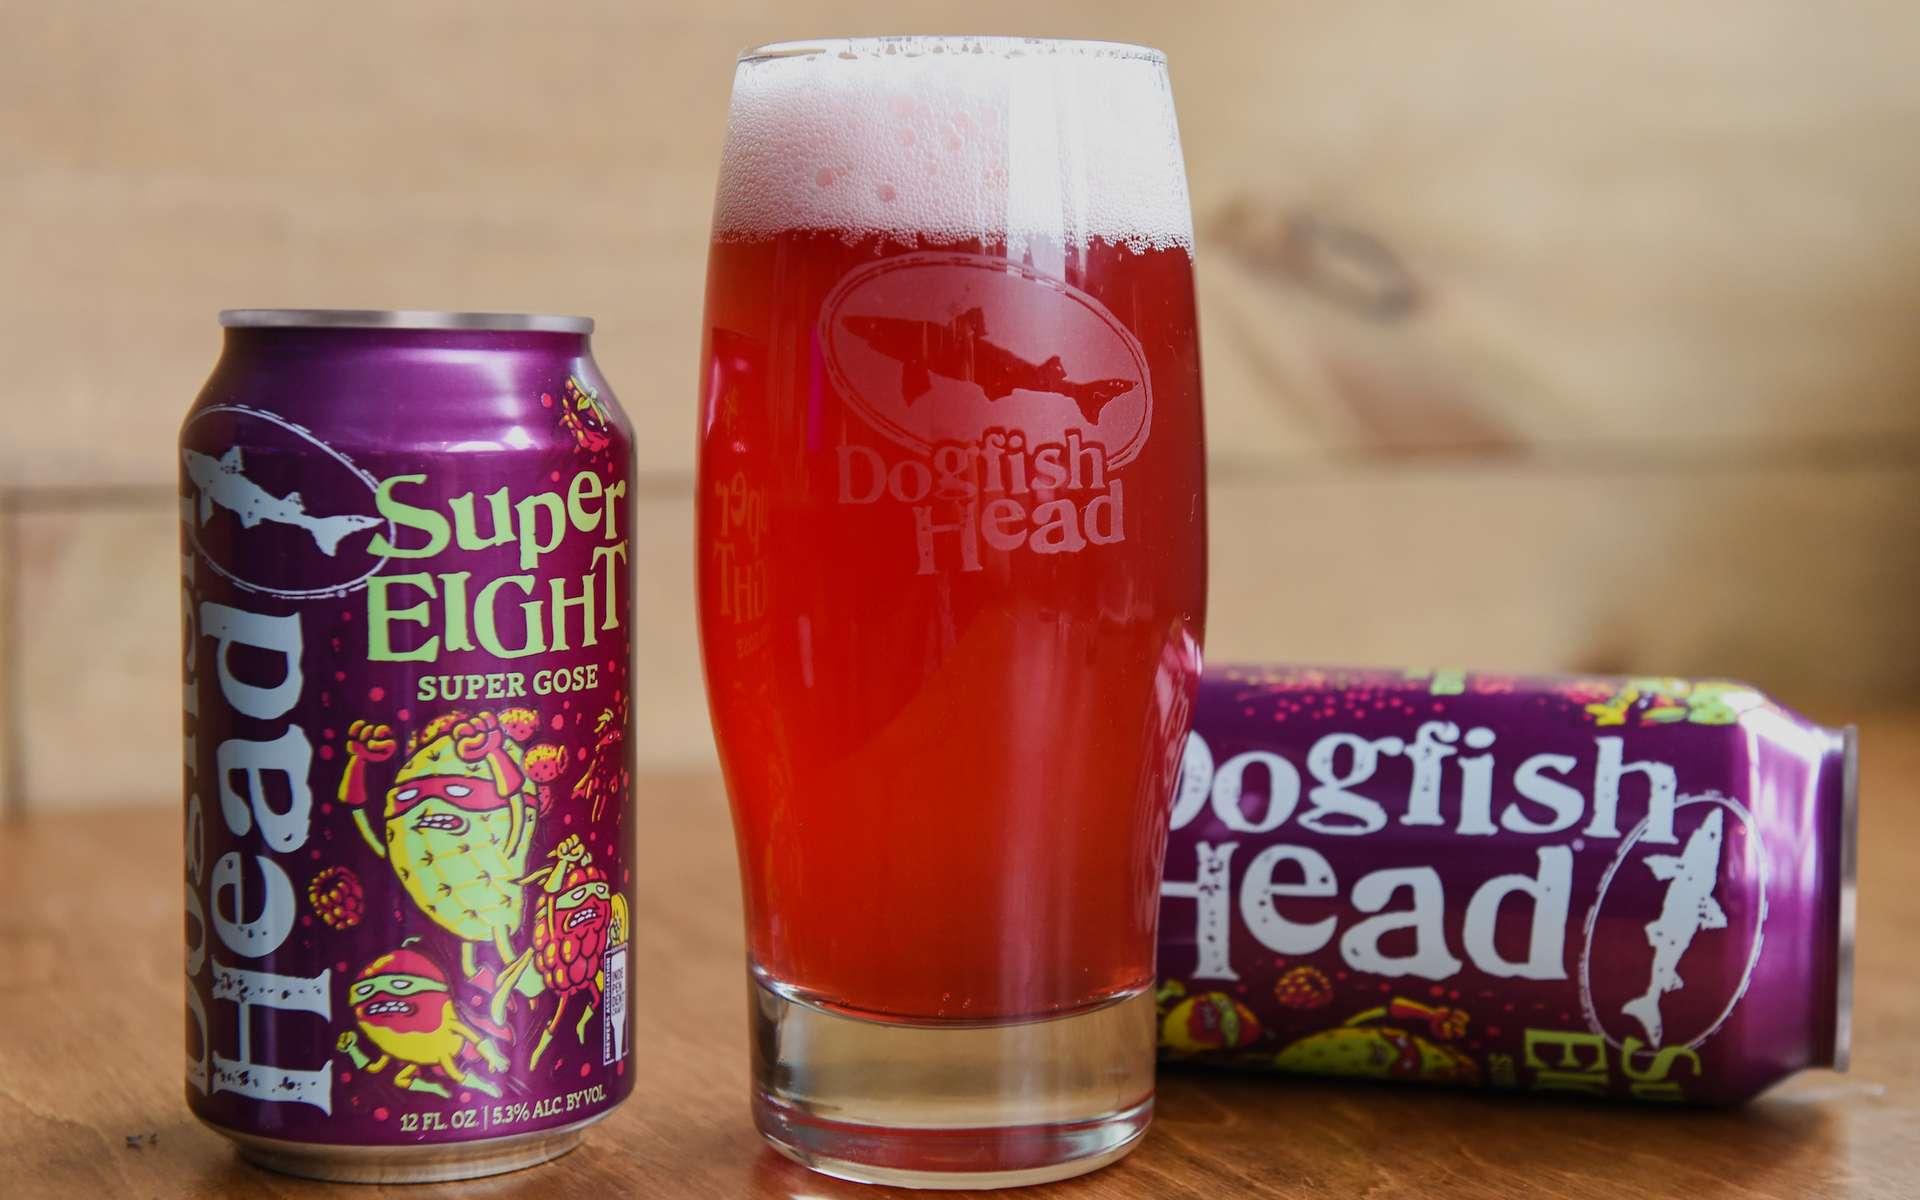 La bière SuperEight est aromatisée aux fruits exotiques et aux baies rouges. © Dogfish